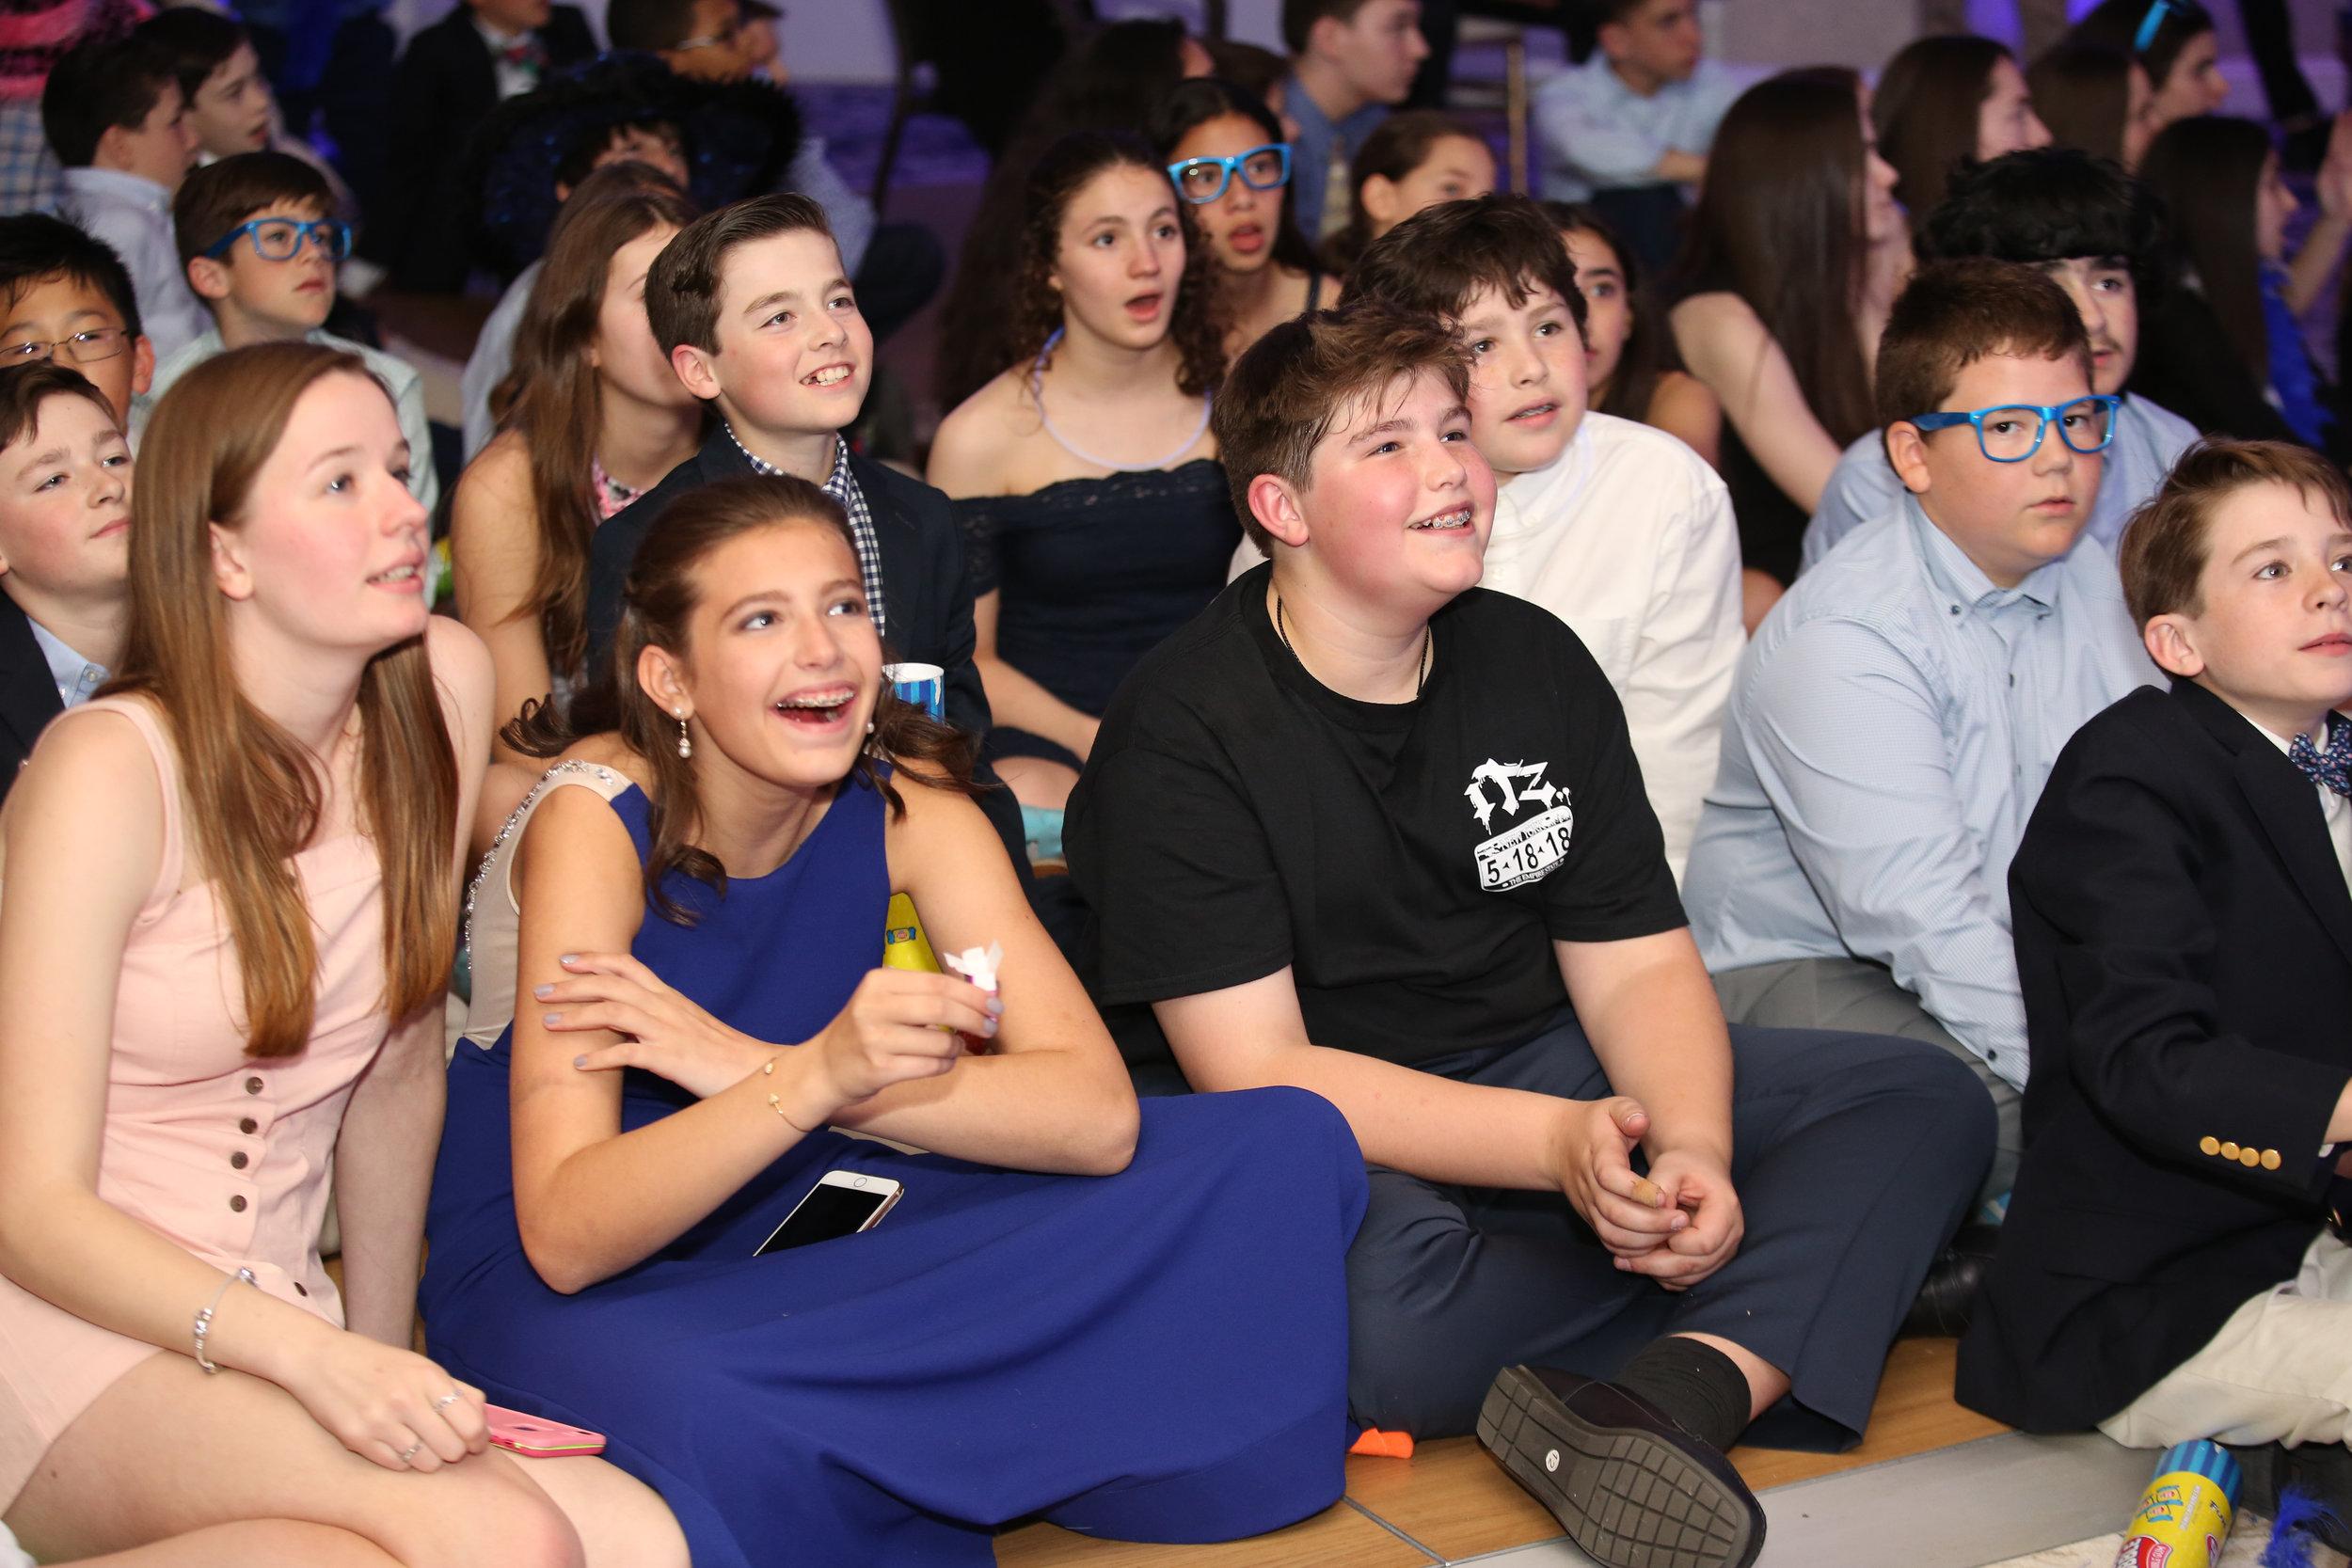 Kids watching Montage @ Bar Mitzvah